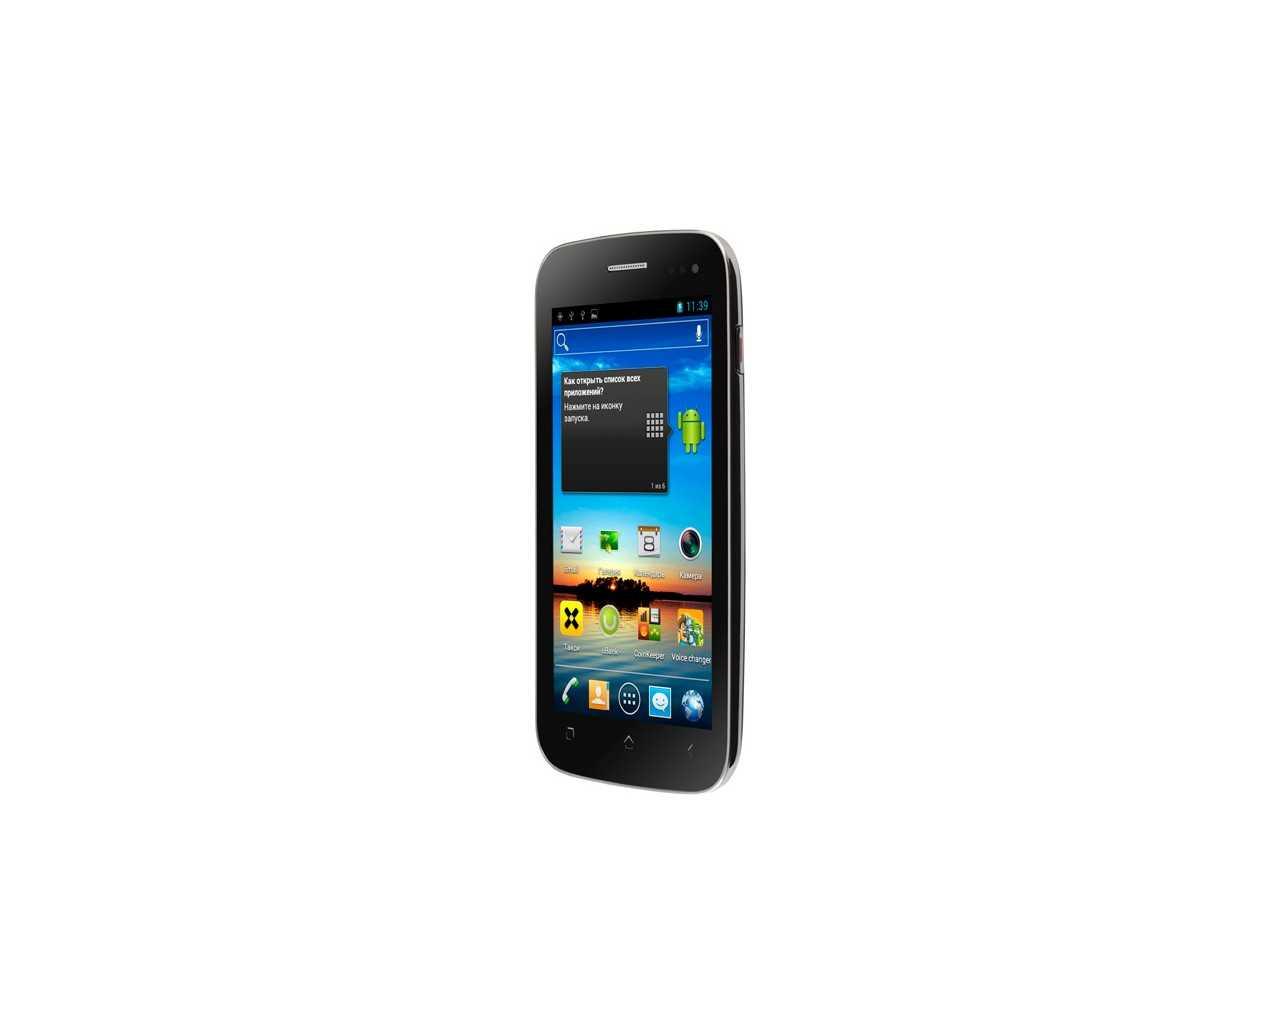 Смартфон fly iq450 quattro horizon 2 black - купить | цены | обзоры и тесты | отзывы | параметры и характеристики | инструкция